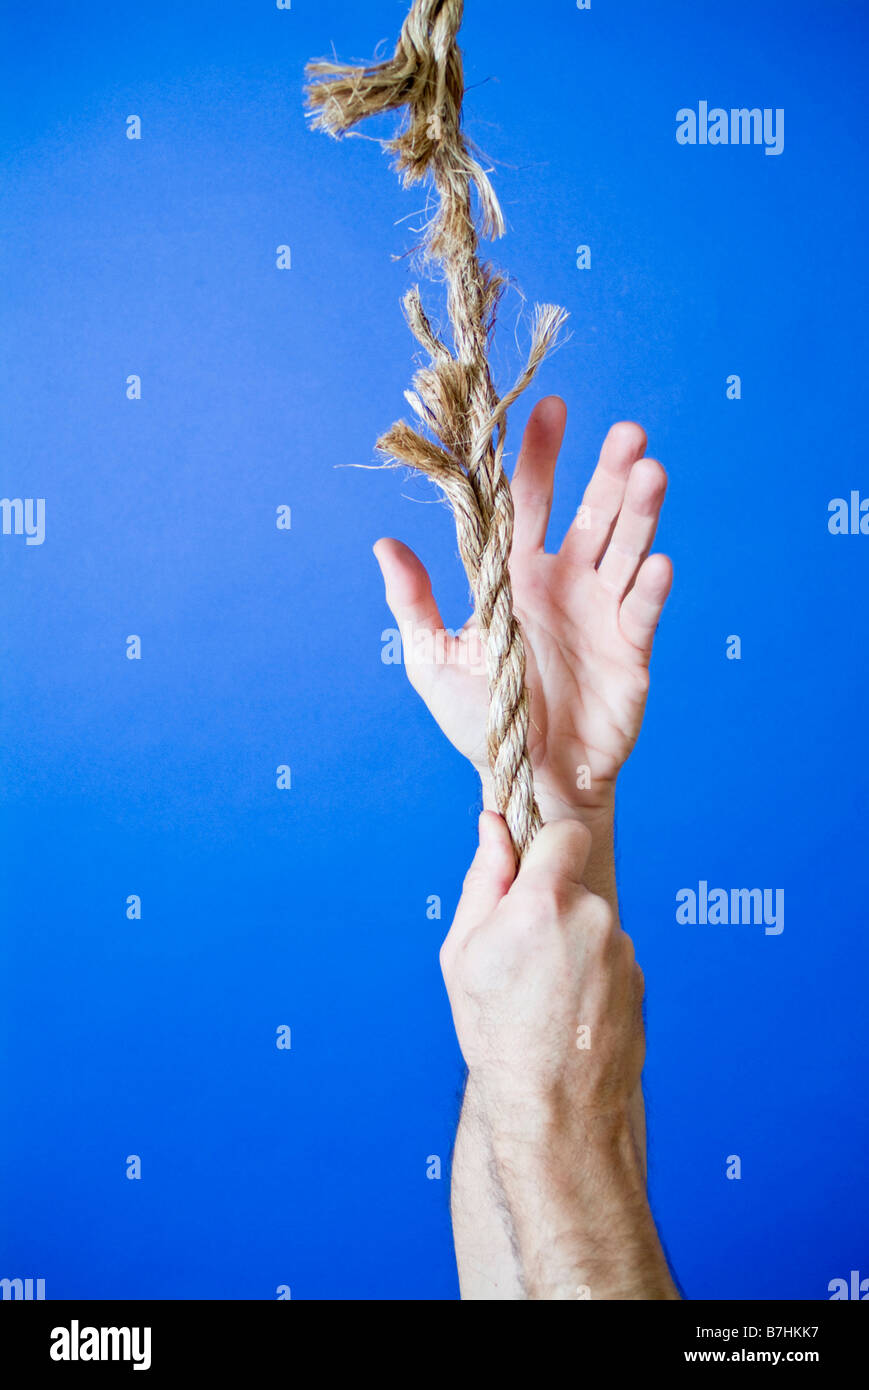 Un homme s mains saisir ou grimper une corde effilochée illustrant une situation très précaire Photo Stock